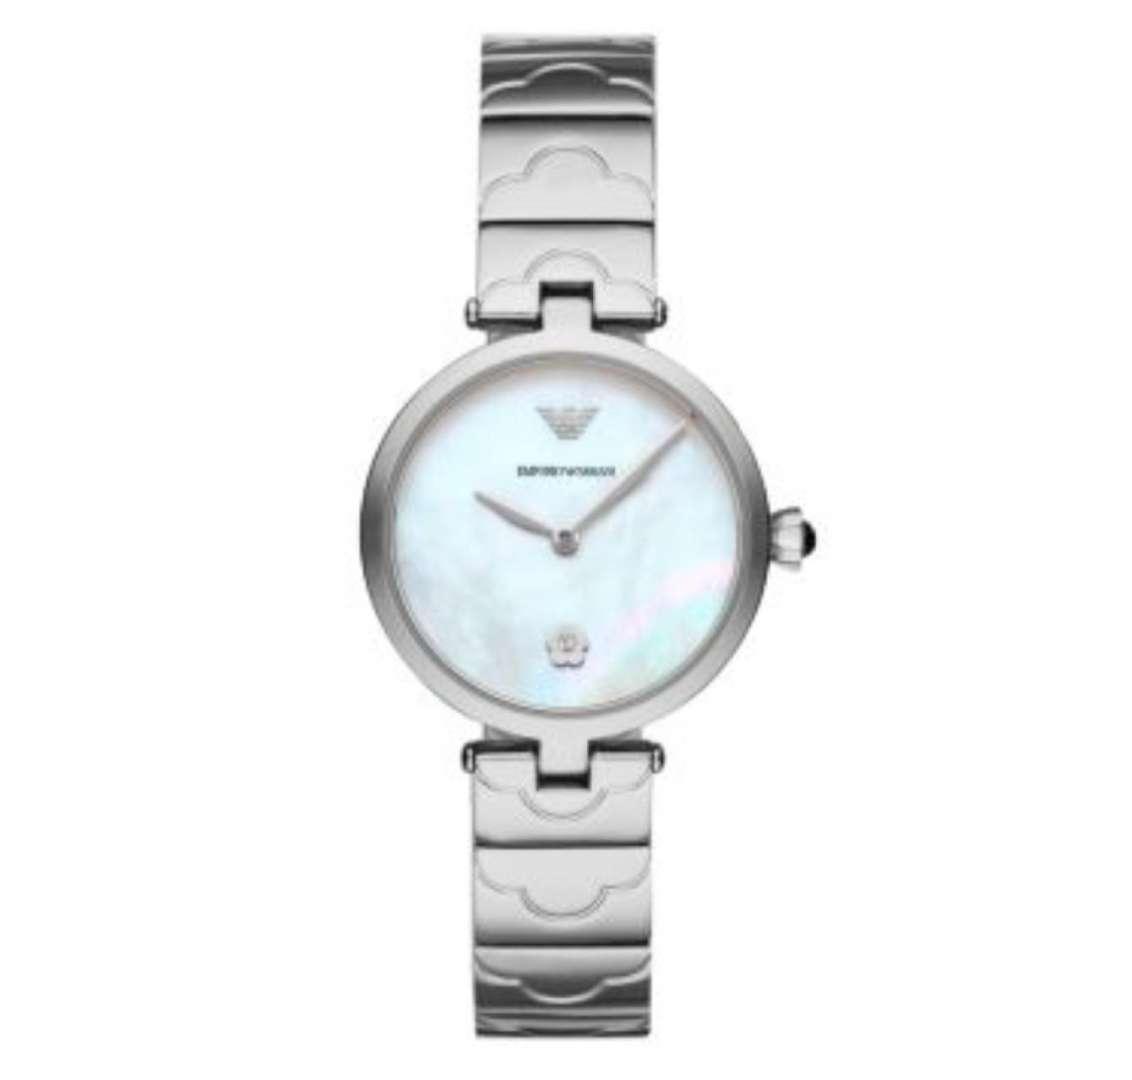 שעון יד אנלוגי emporio armani ar11235 אמפוריו ארמני